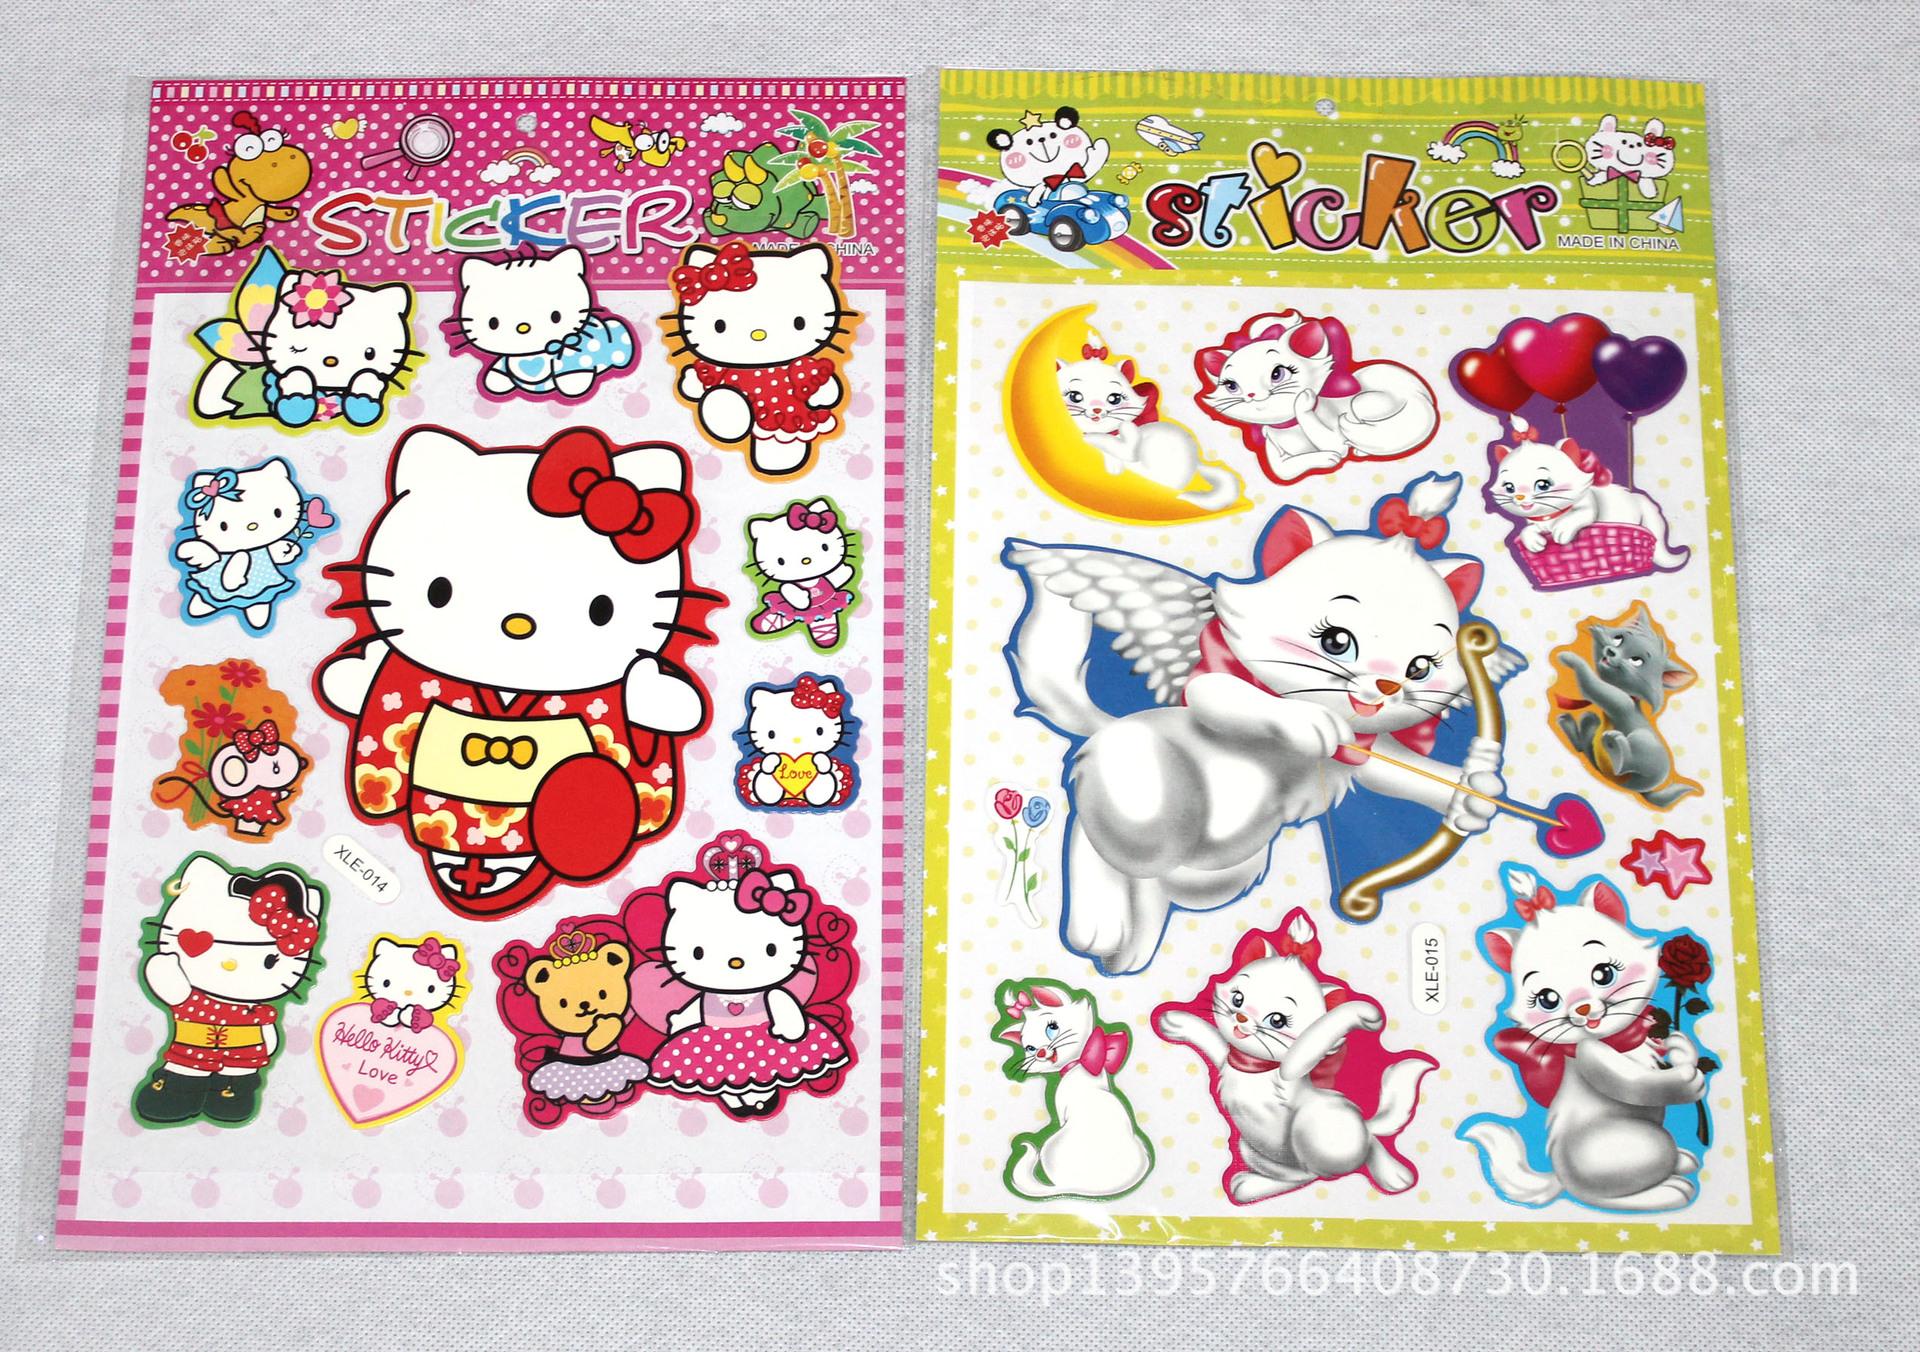 购纸质工艺品 贴纸 儿童贴画 卡通立体泡泡小粘贴 宝宝玩具贴纸 幼儿